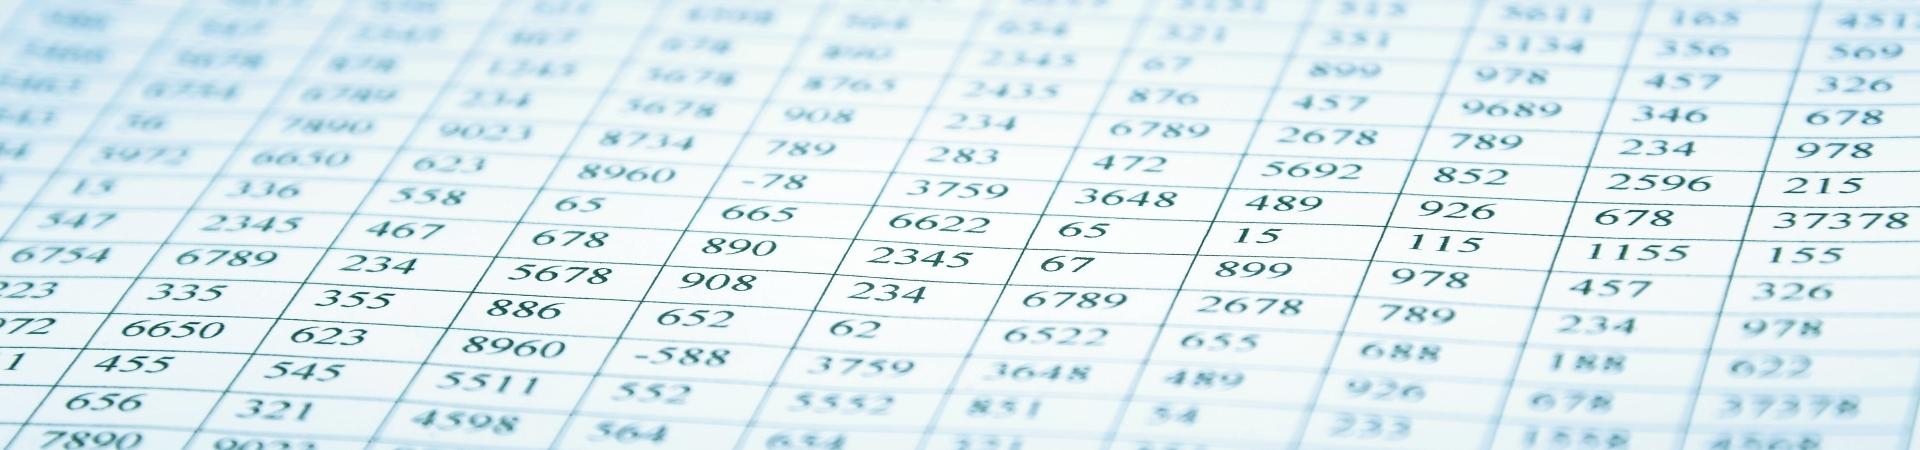 Monarch Skill Spotlight Series - Data Snacks